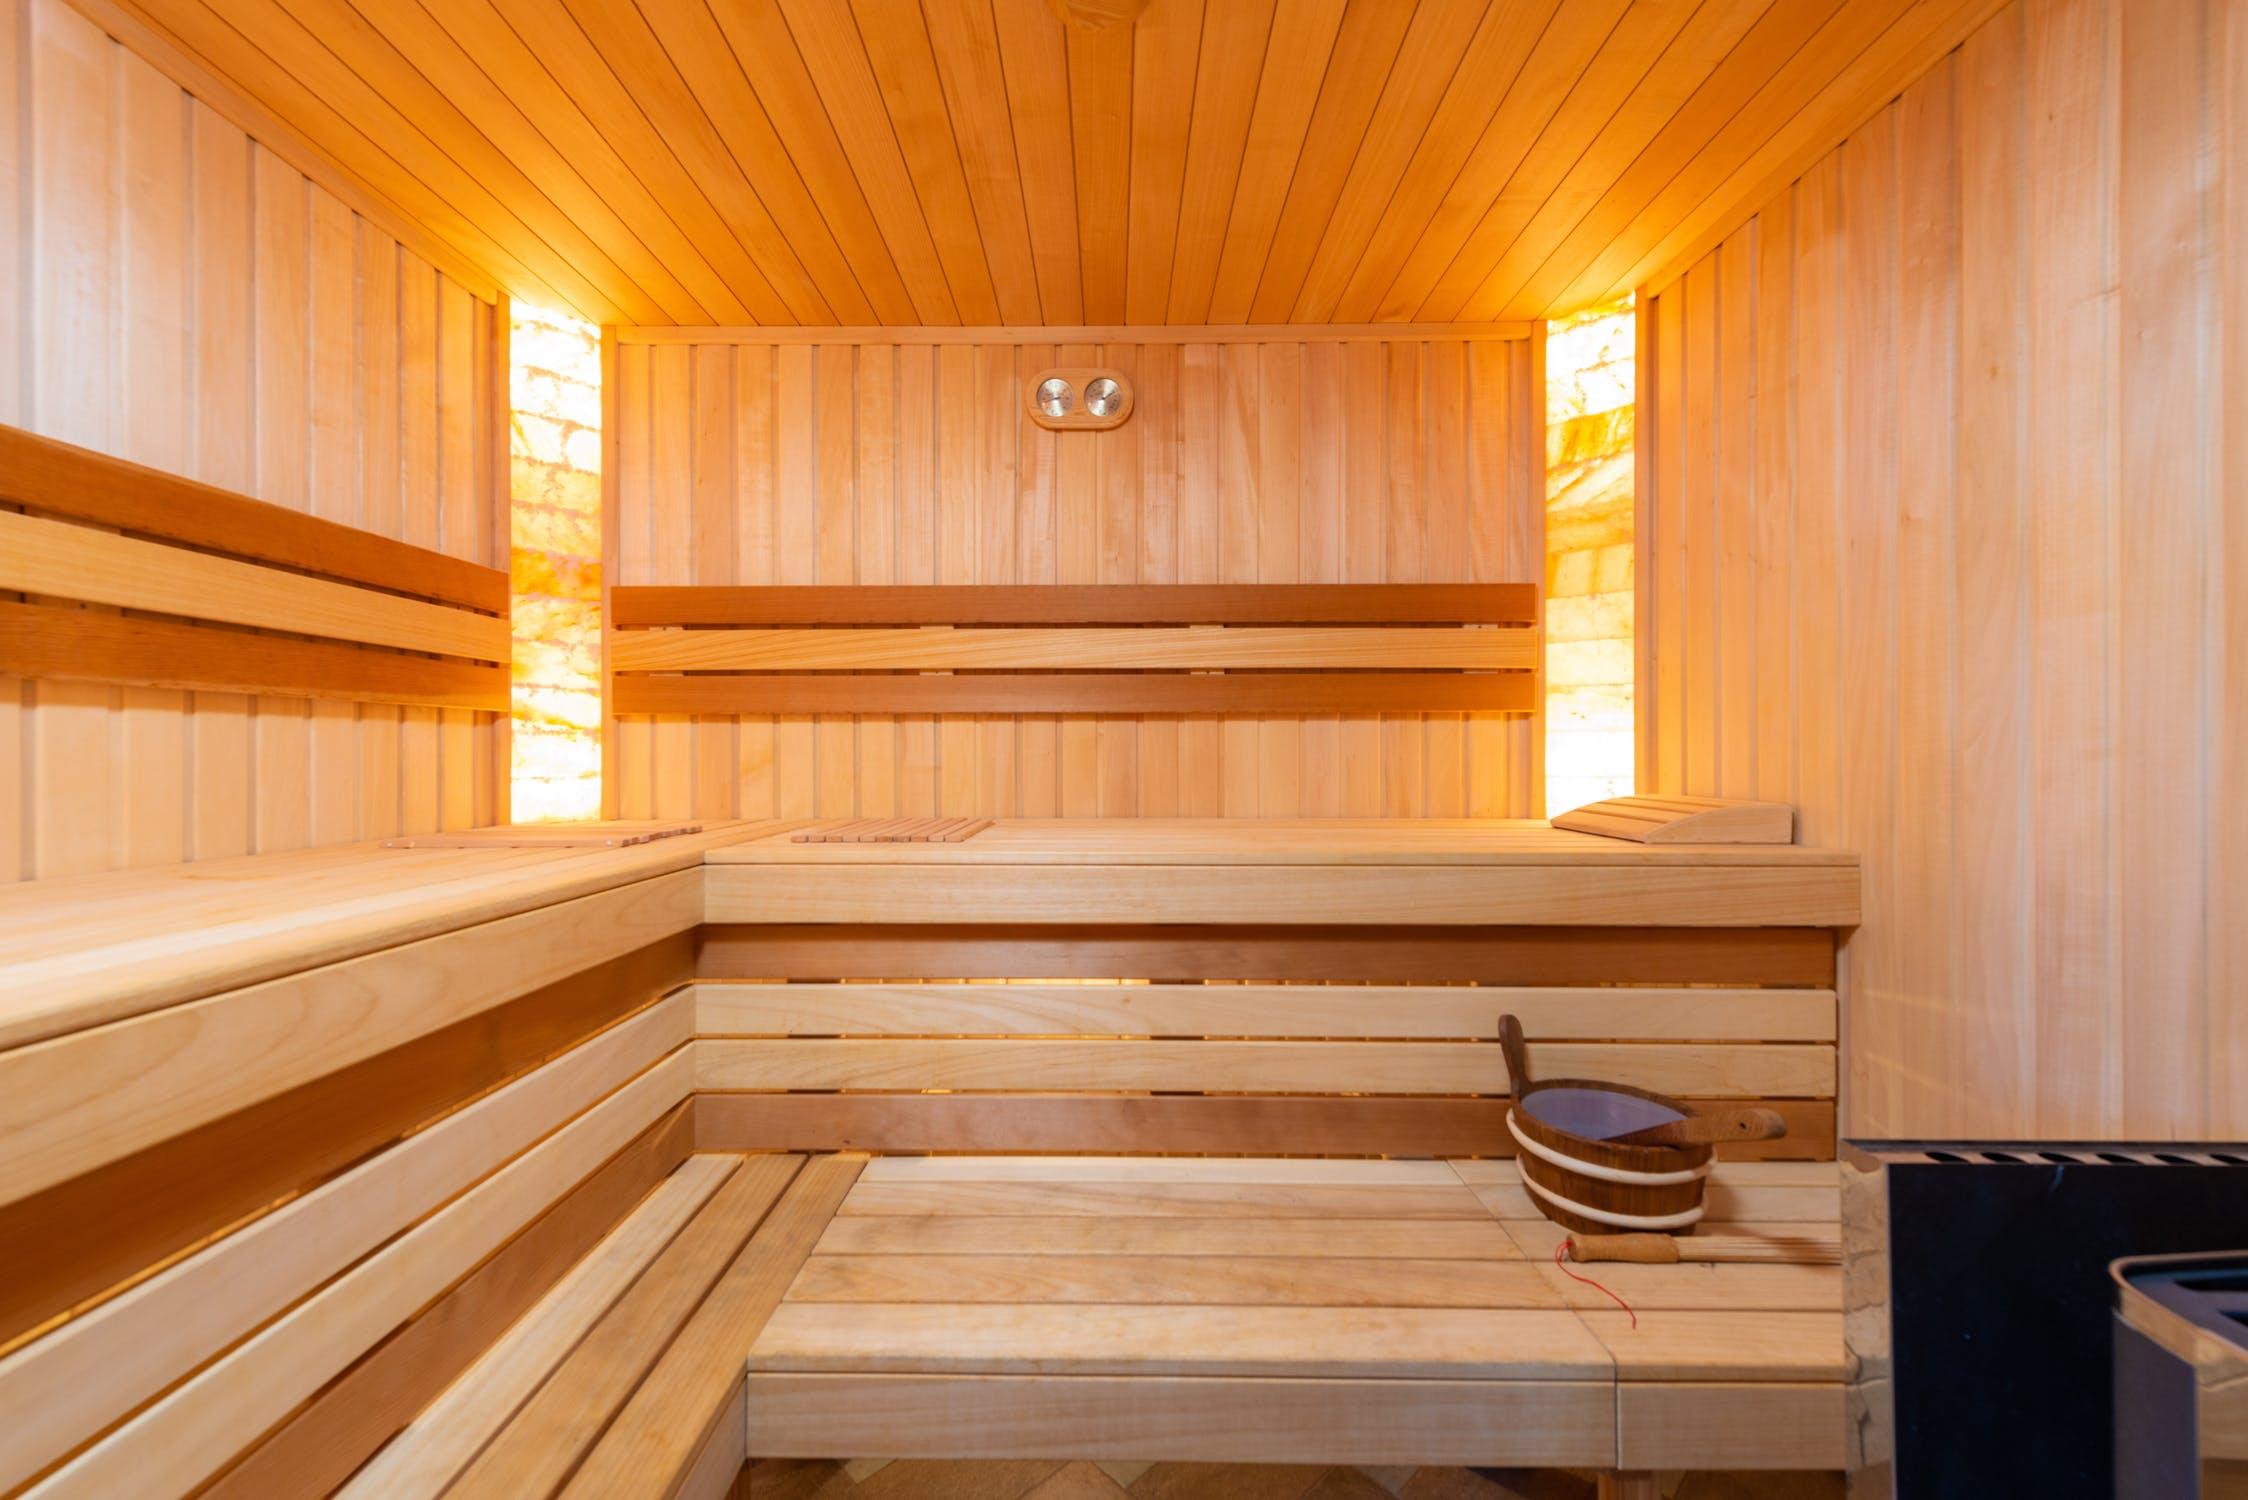 kosten sauna in huis